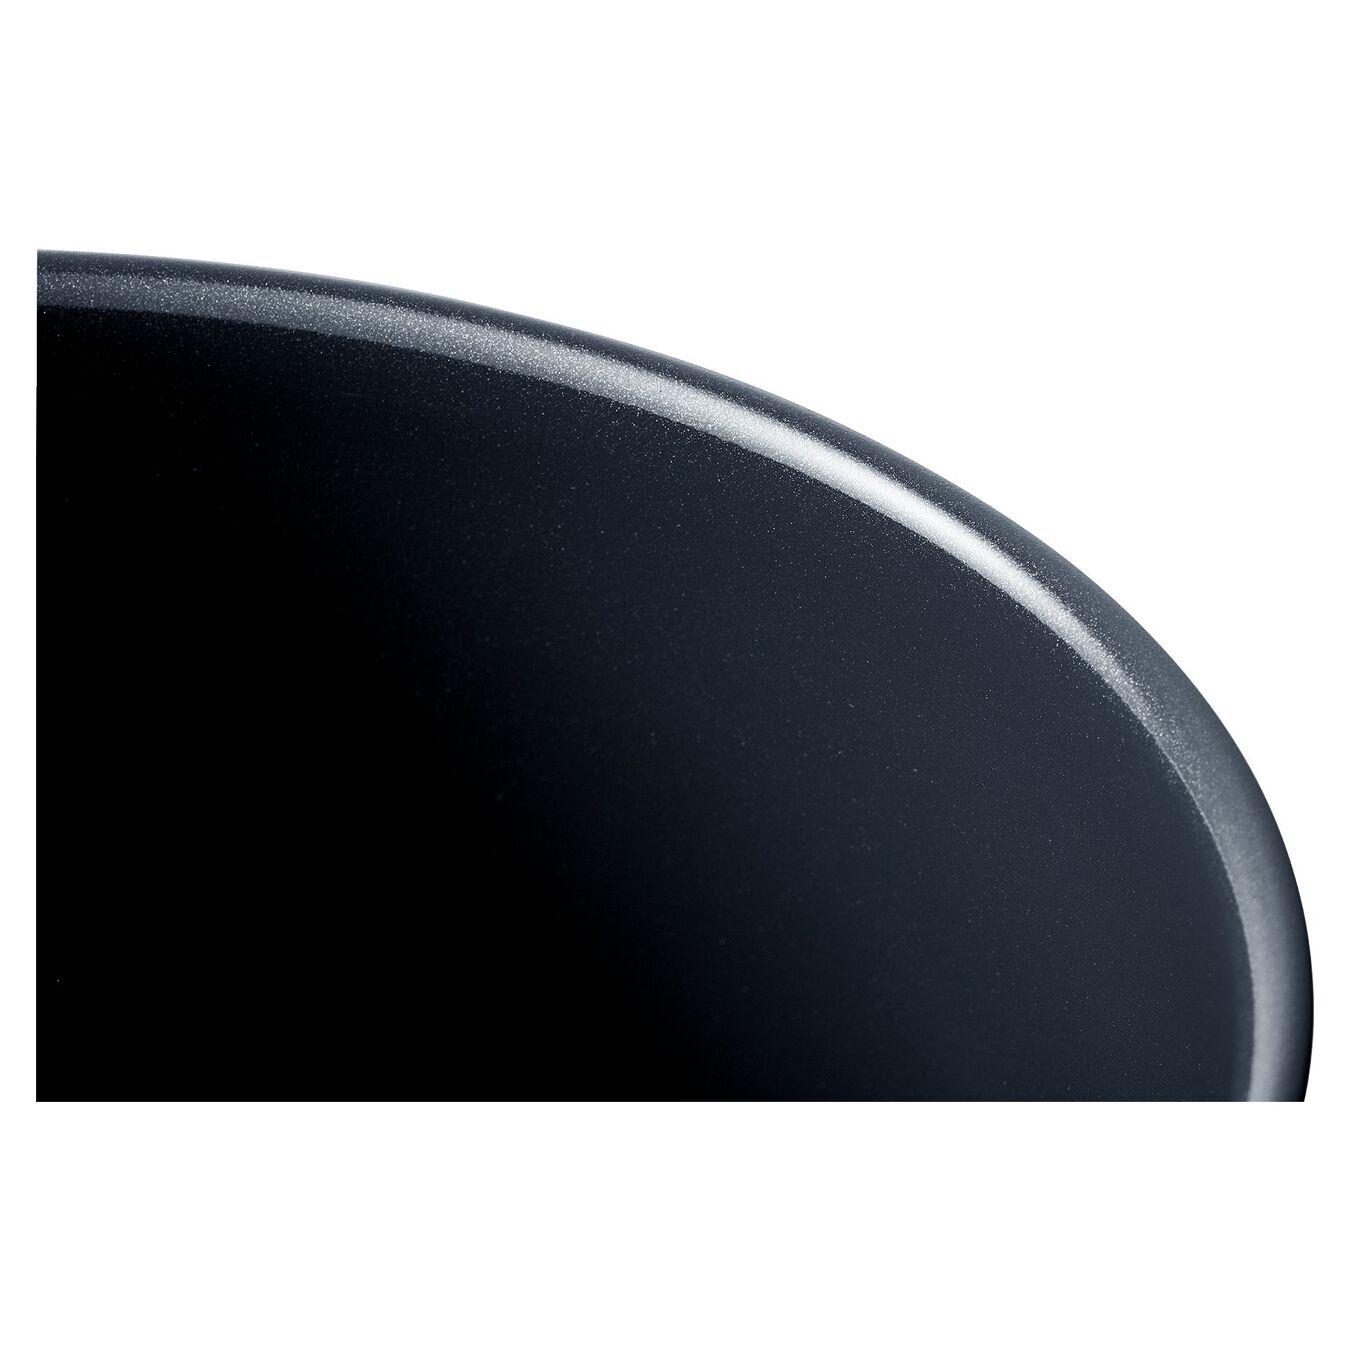 Ensemble de casseroles 3-pcs, Acier inoxydable,,large 4